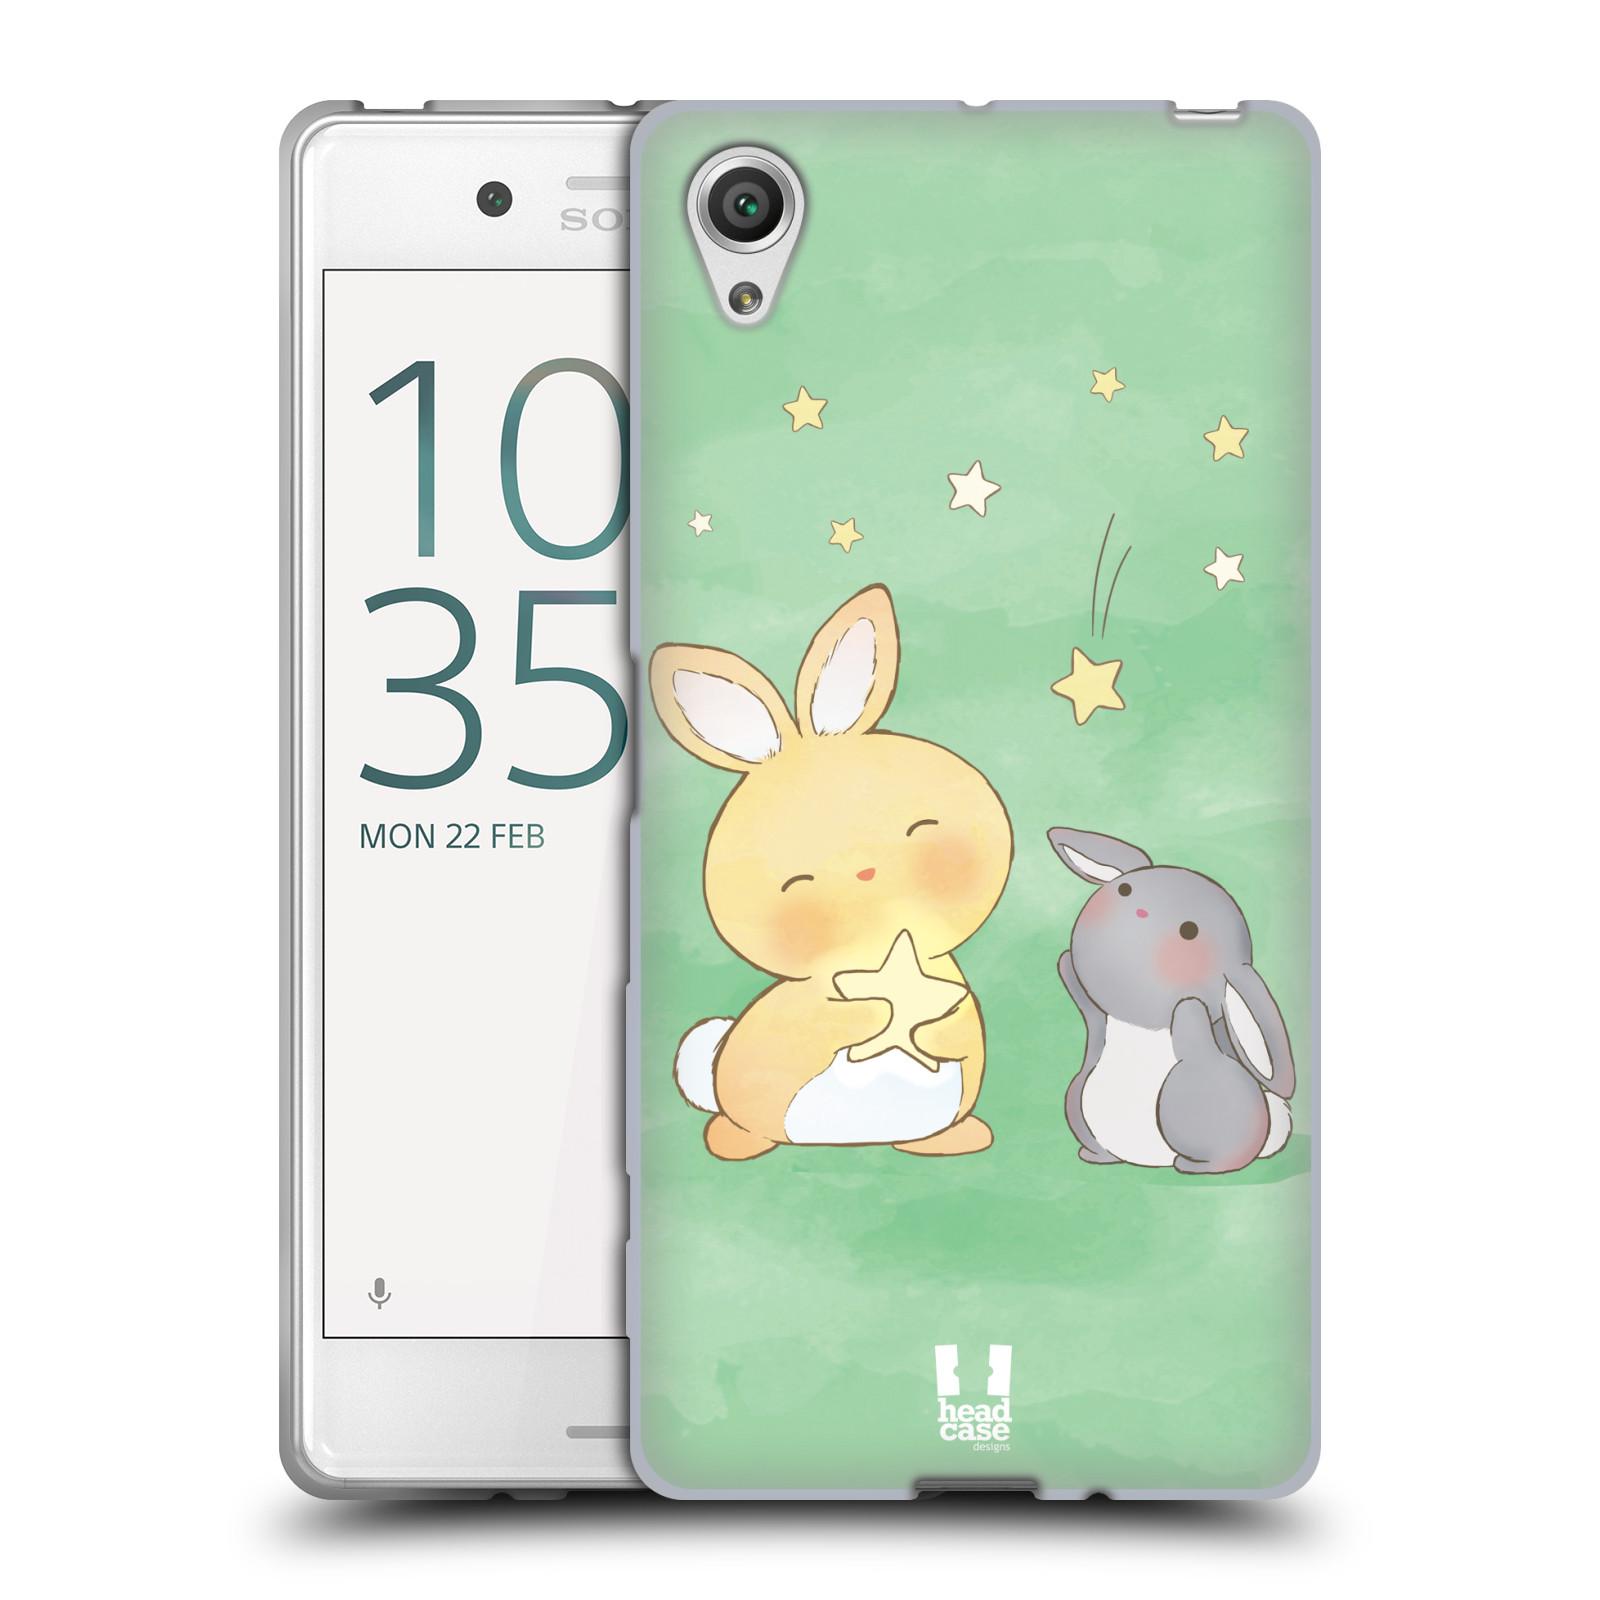 HEAD CASE silikonový obal na mobil Sony Xperia X / X DUAL vzor králíček a hvězdy zelená